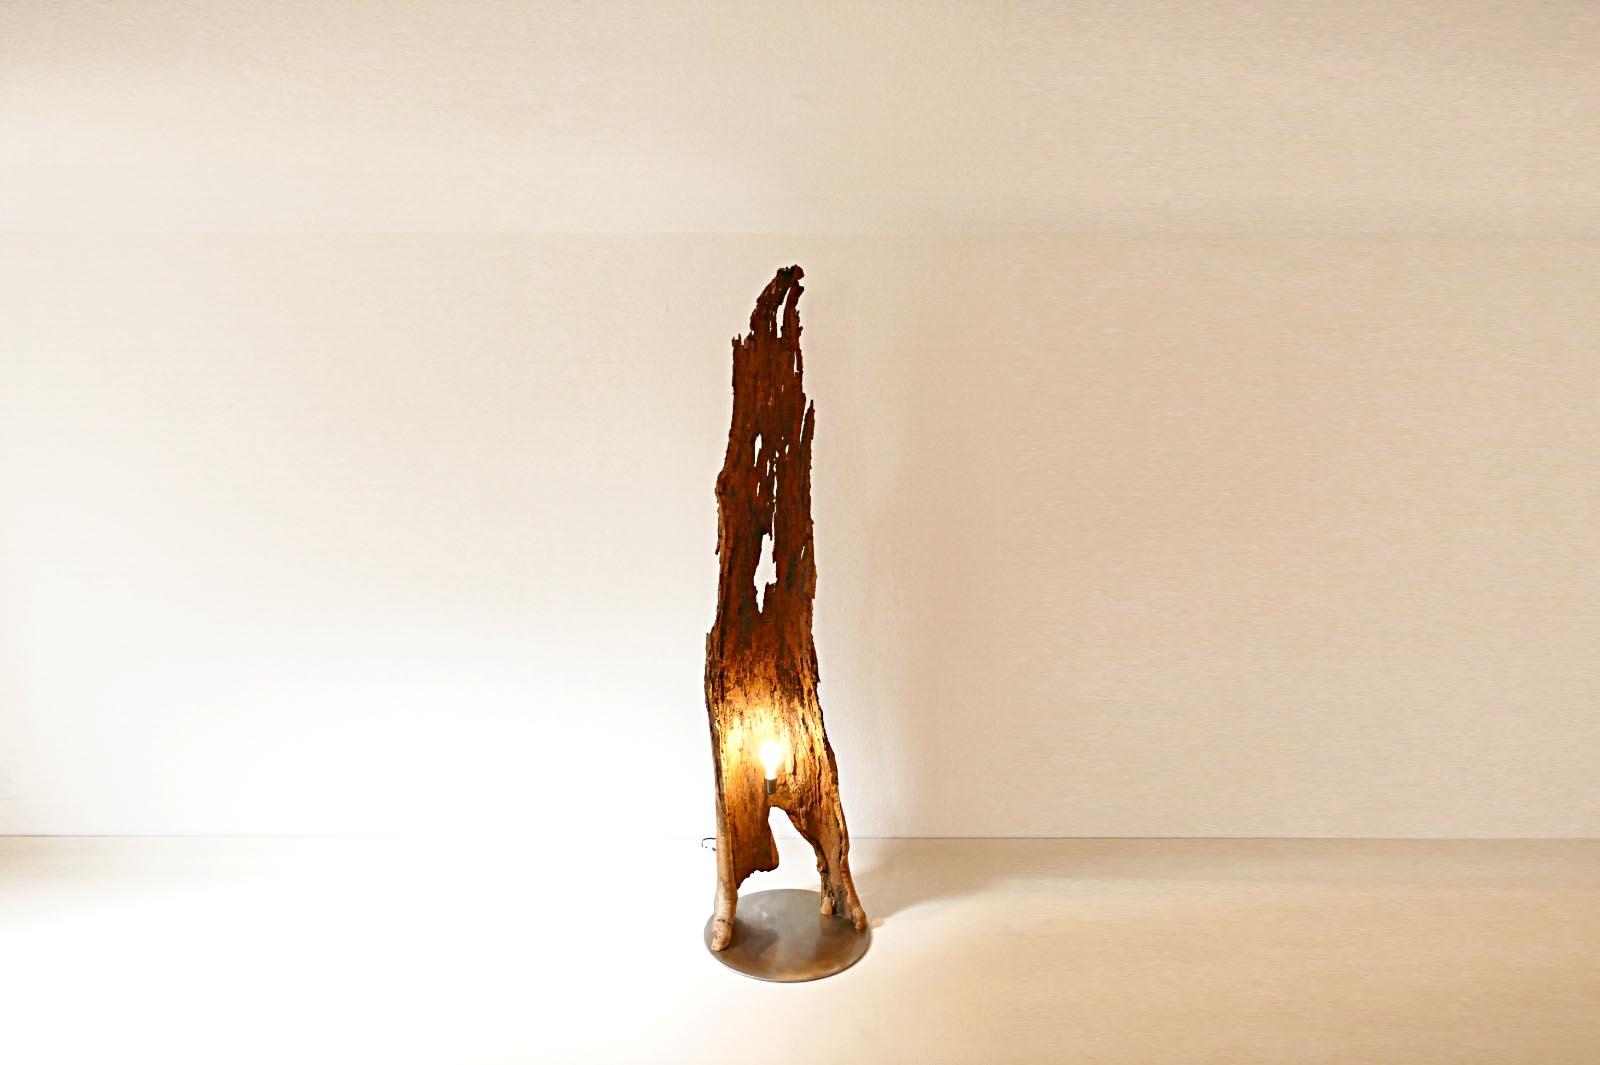 EXCEART 15 St/ück Holzst/ücke f/ür Kunsthandwerk DIY Unvollendete Holz Linde Bastelbrett f/ür Kunsthandwerk Bildungsgeb/äude